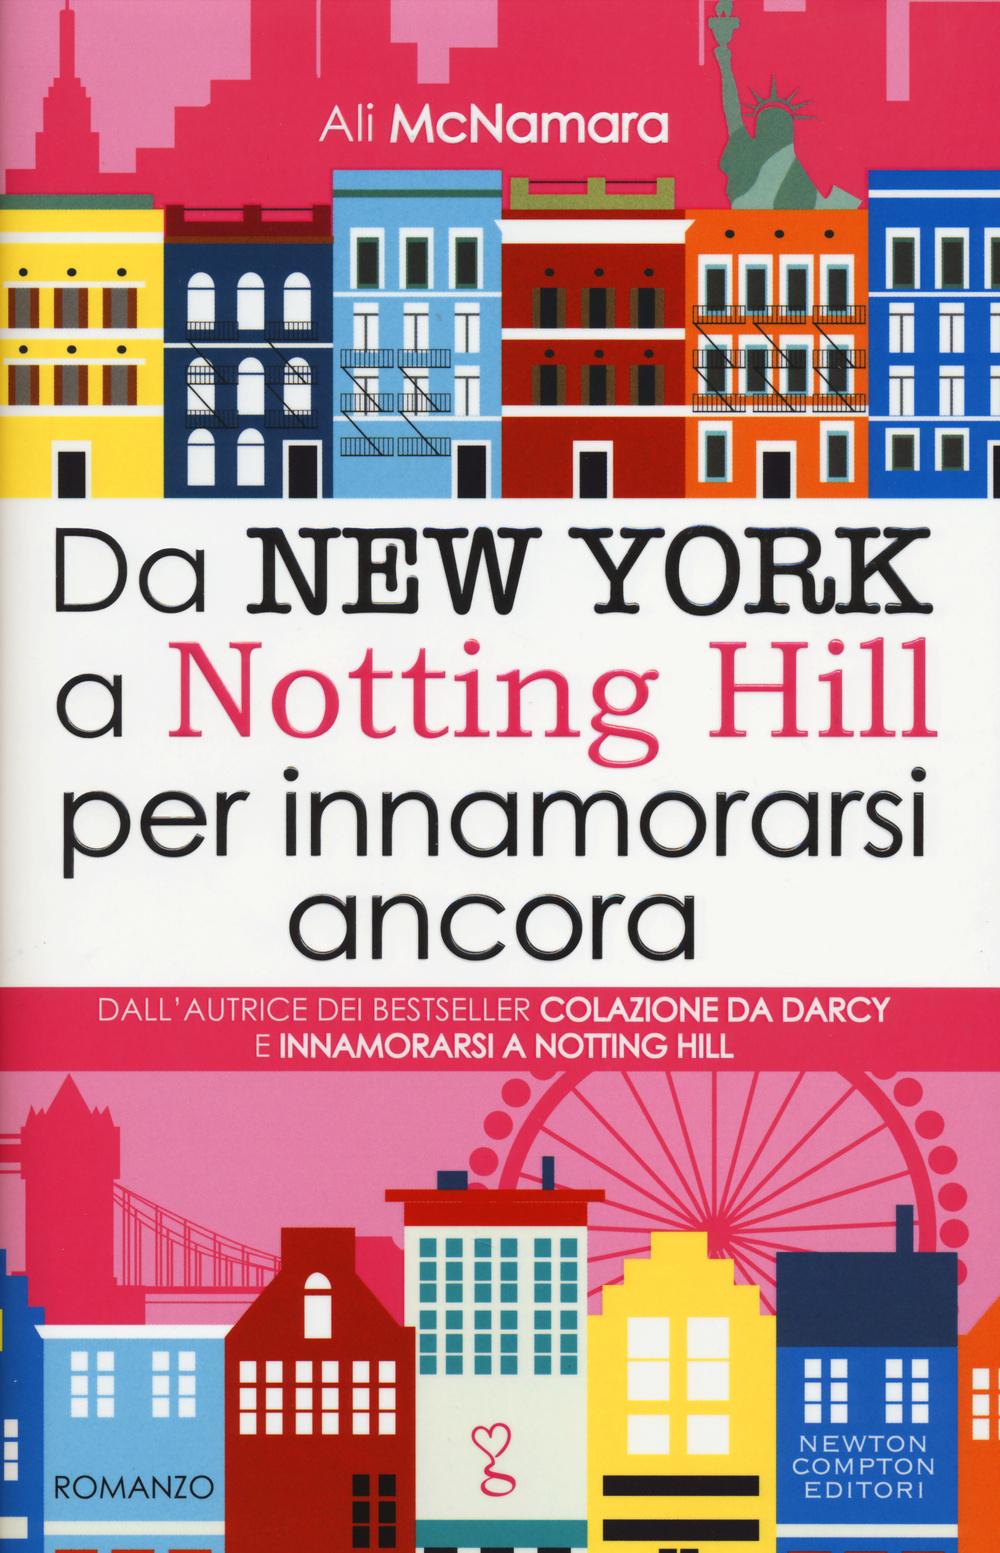 Da New York a Nottinghill per innamorarsi ancora